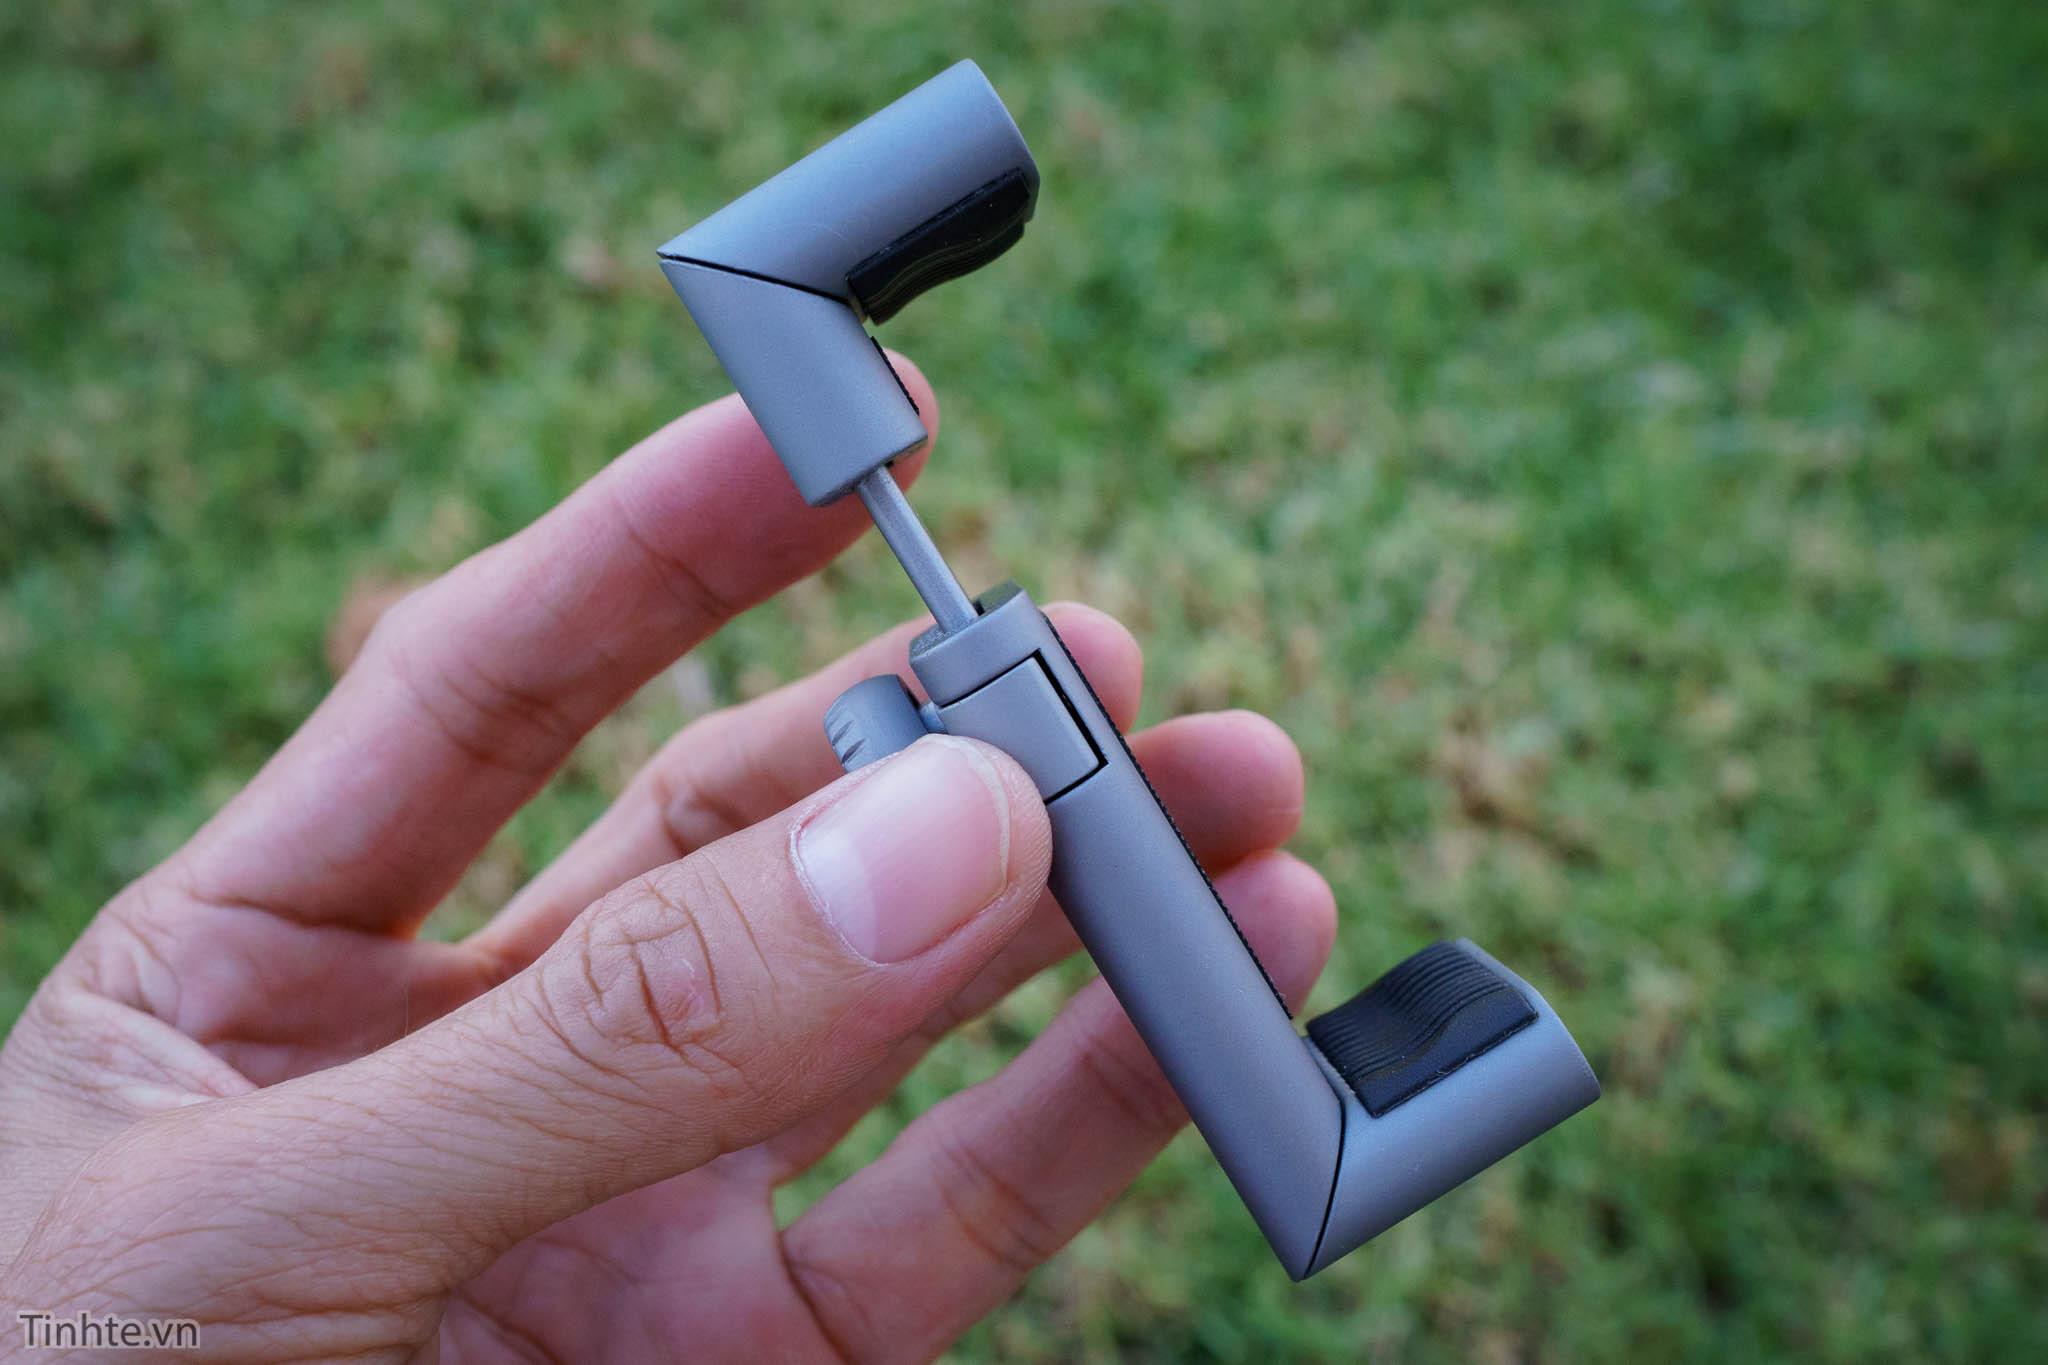 Manfrotto-TwistGrip-Tinhte-9.jpg